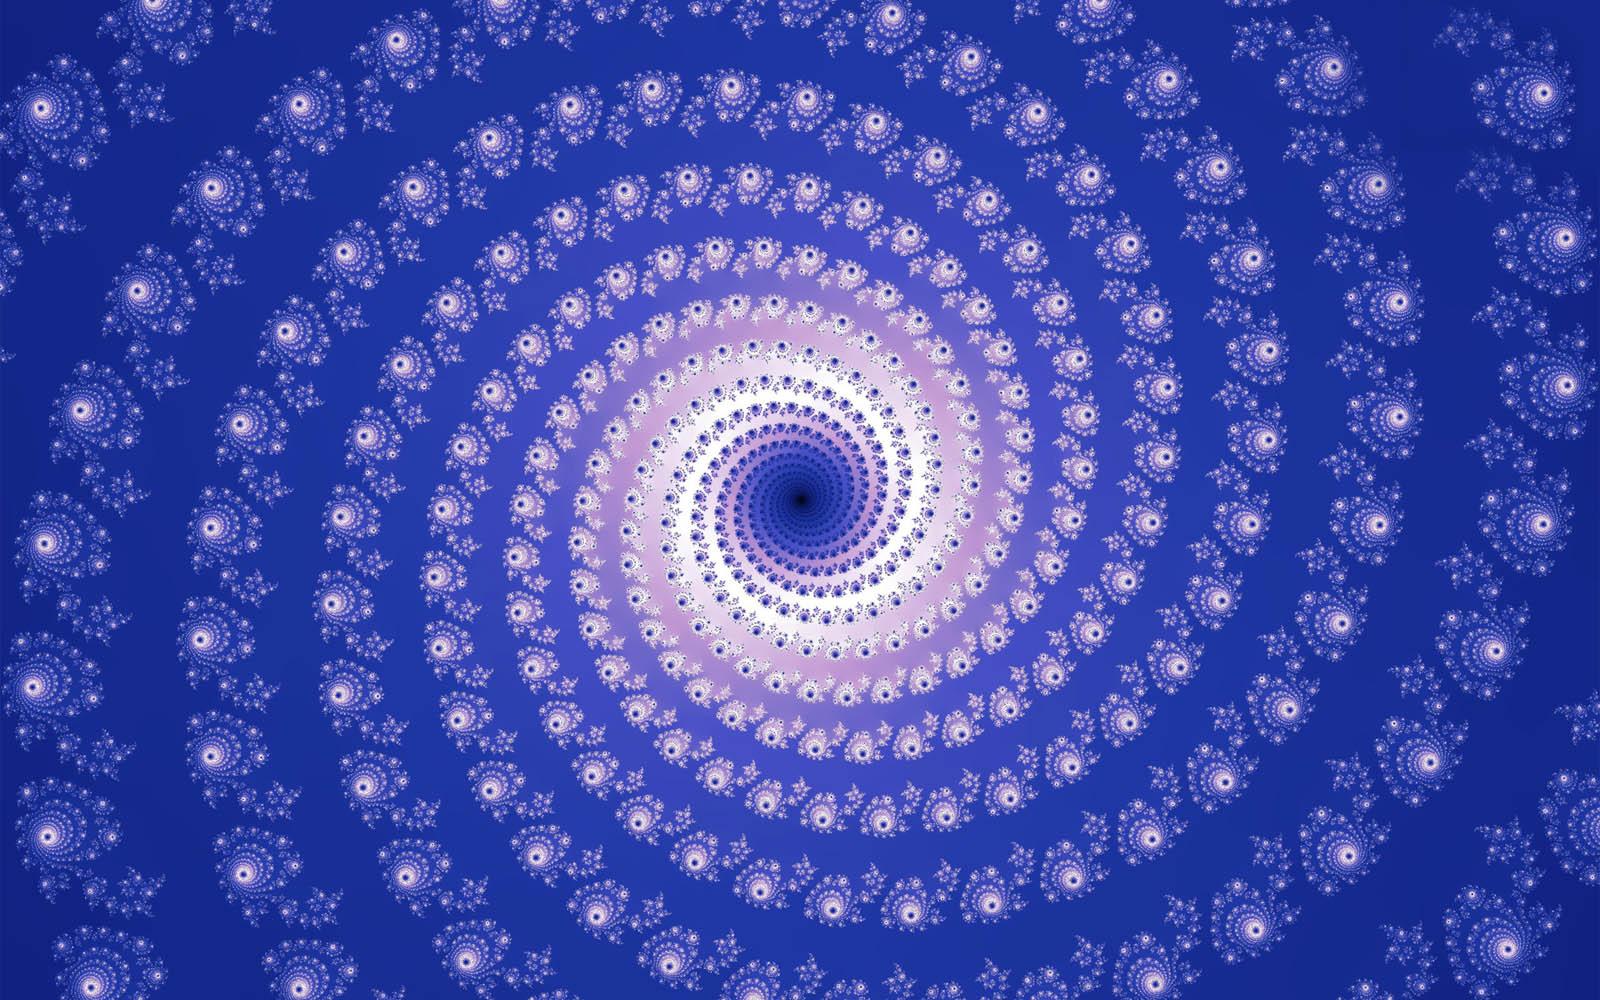 spiral computer wallpaper 60458